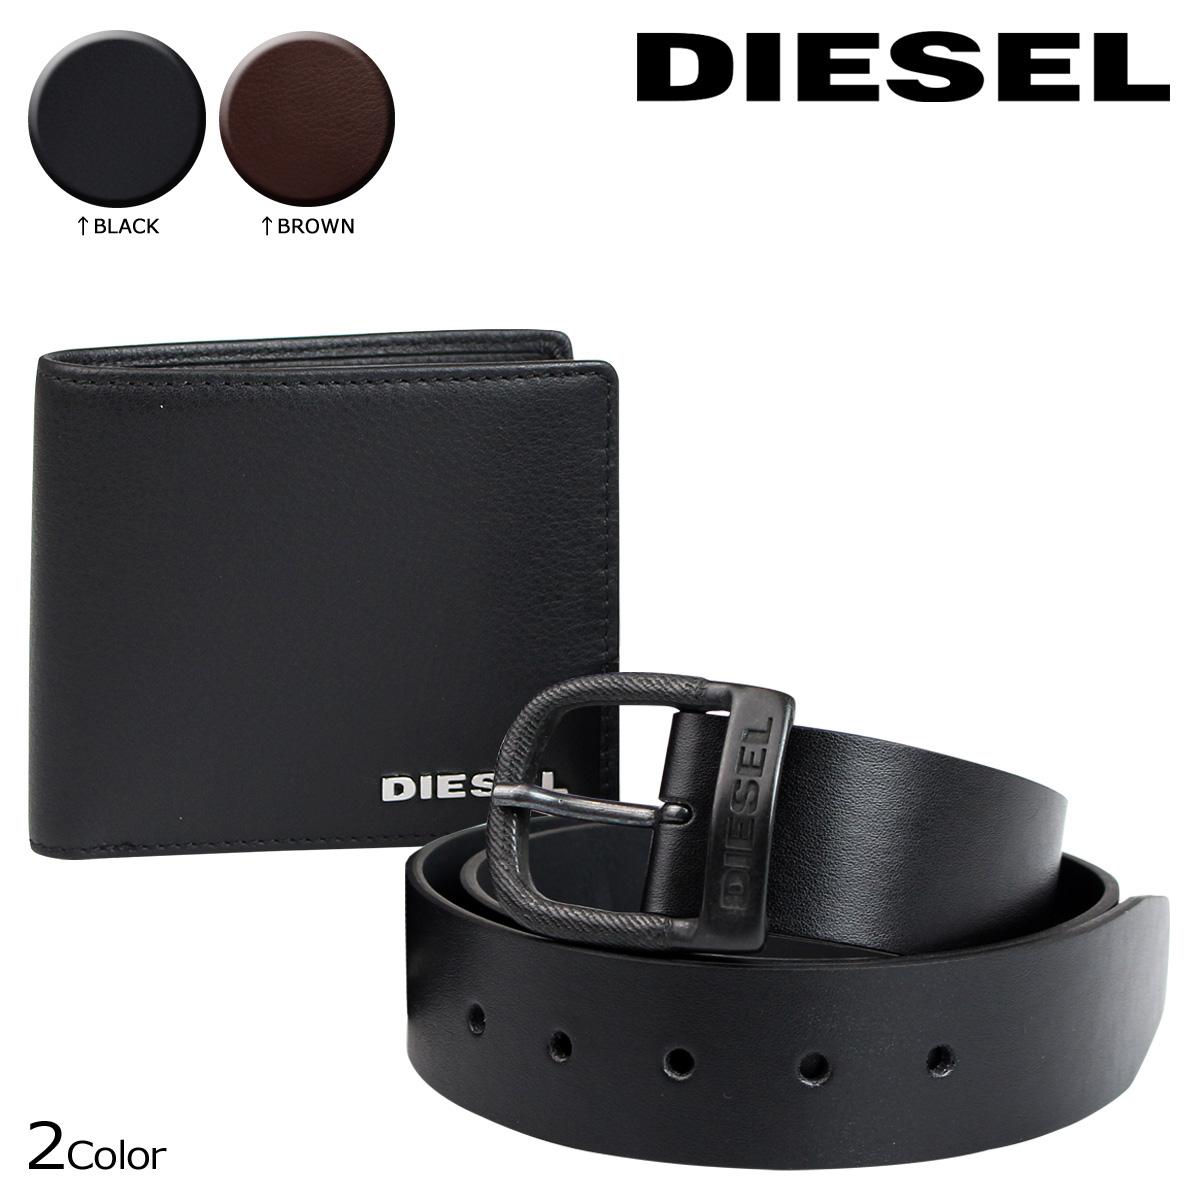 DIESEL 財布 ベルト ディーゼル 二つ折り財布 レザーベルト セット X03776 PR013 メンズ